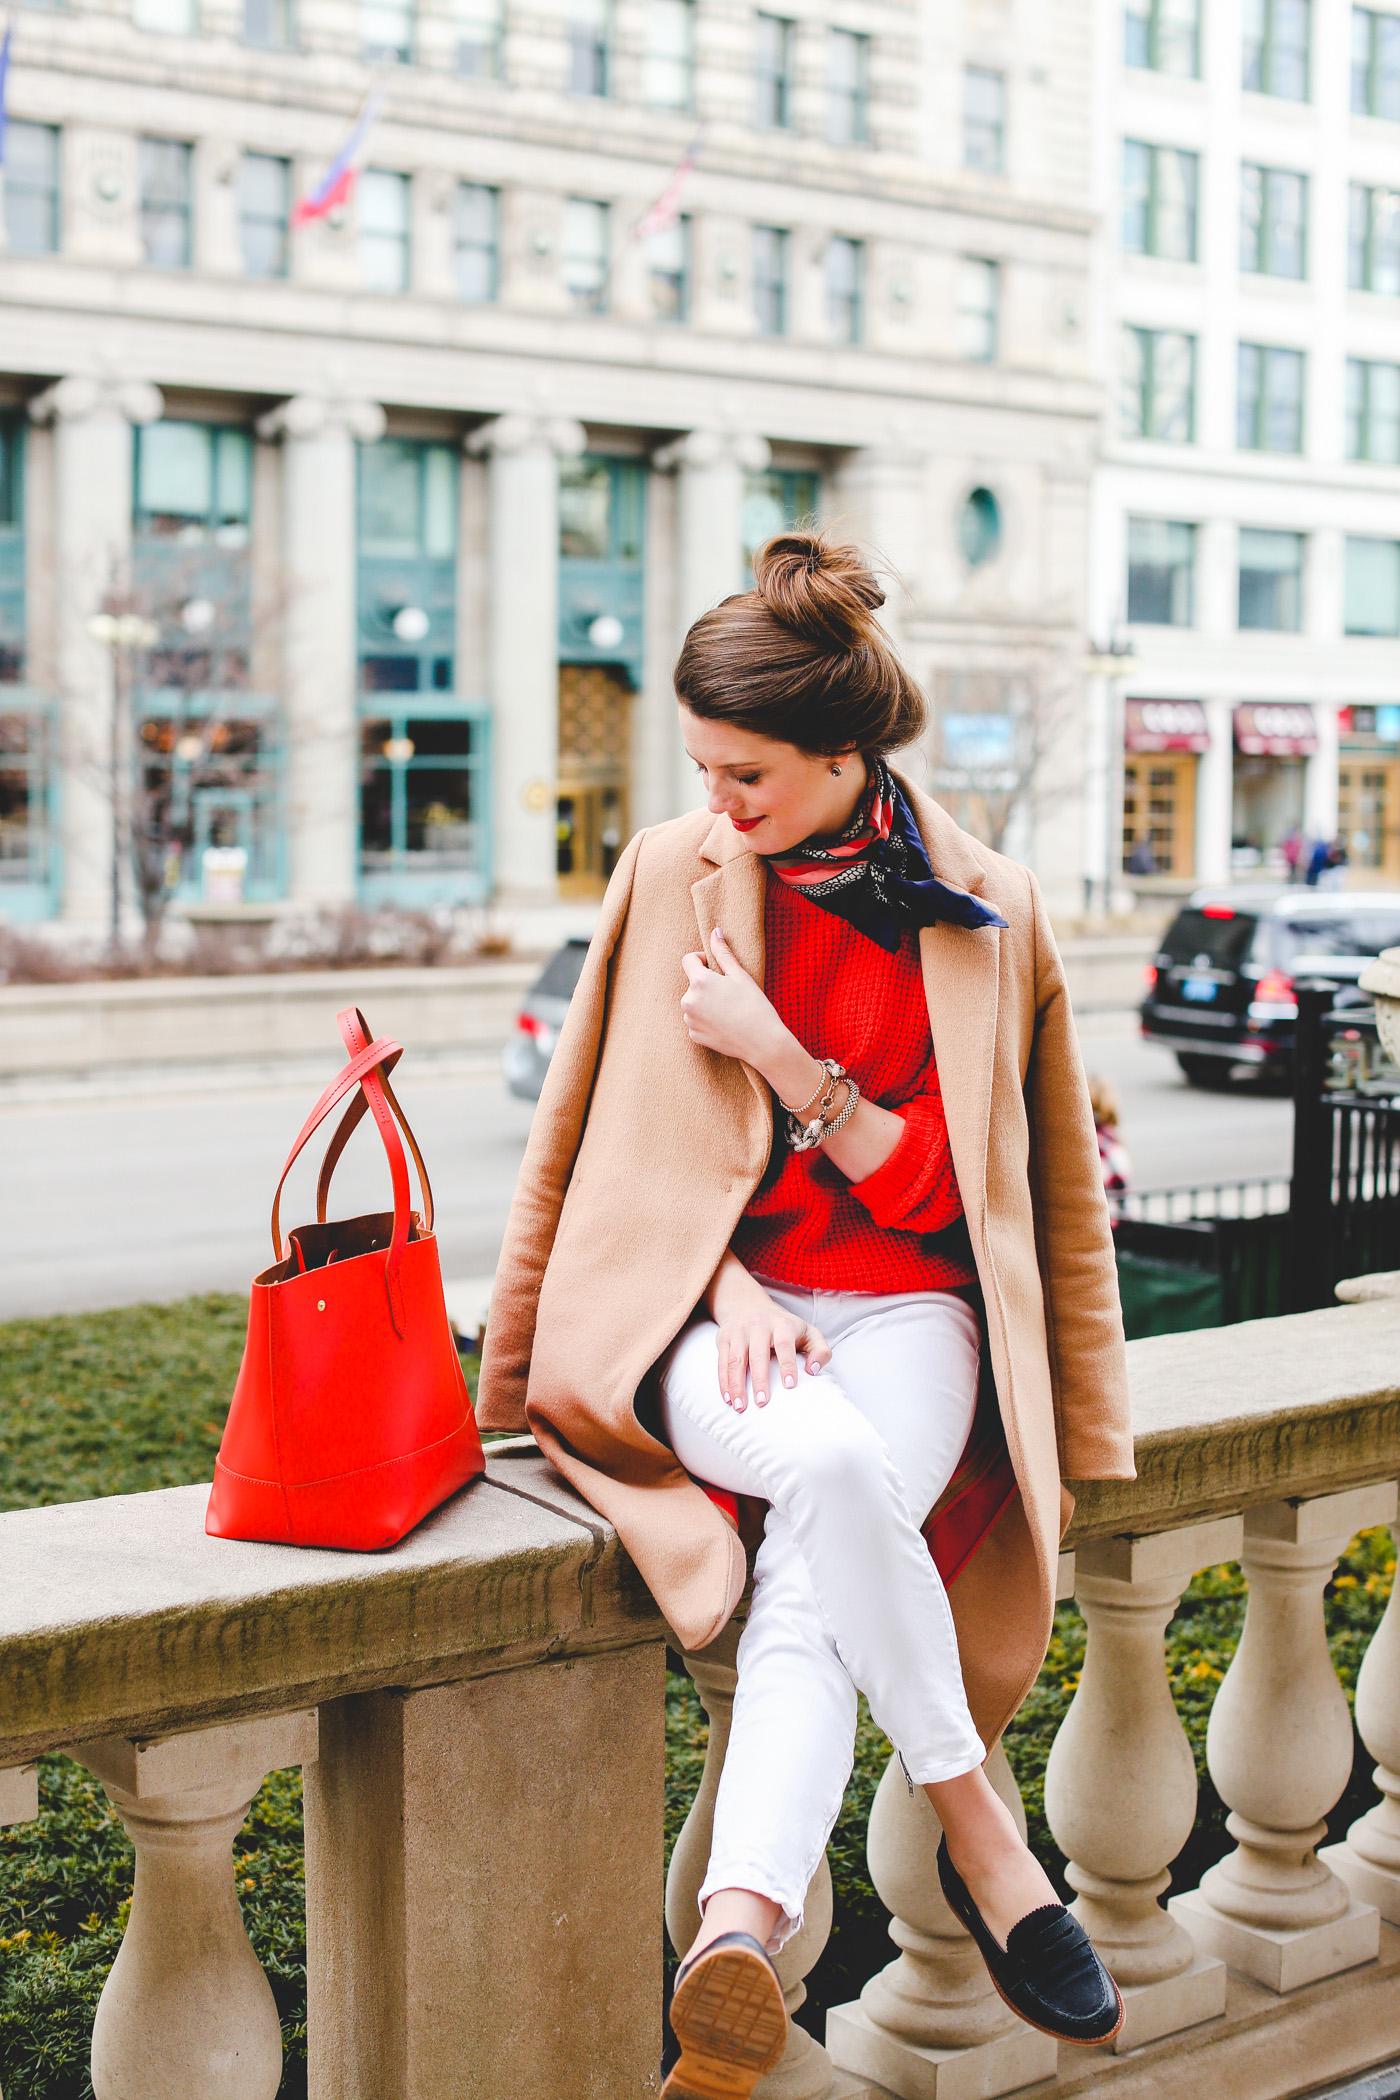 Новый свежий тренд этой весны, который привлекает все больше внимания девушек – это парижский стиль.